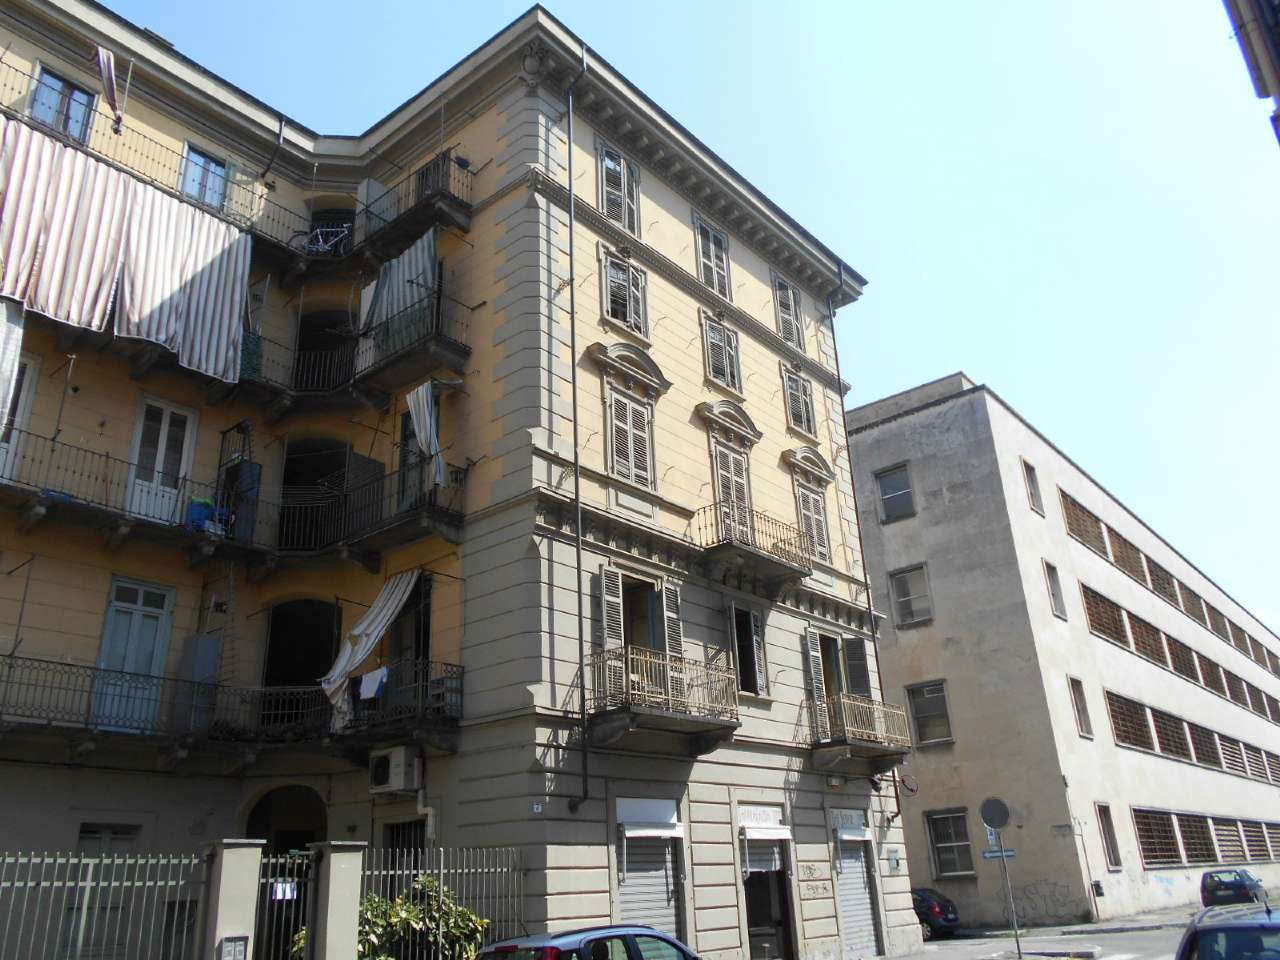 Palazzo / Stabile in vendita a Torino, 9999 locali, zona Zona: 3 . San Salvario, Parco del Valentino, prezzo € 1.200.000 | CambioCasa.it